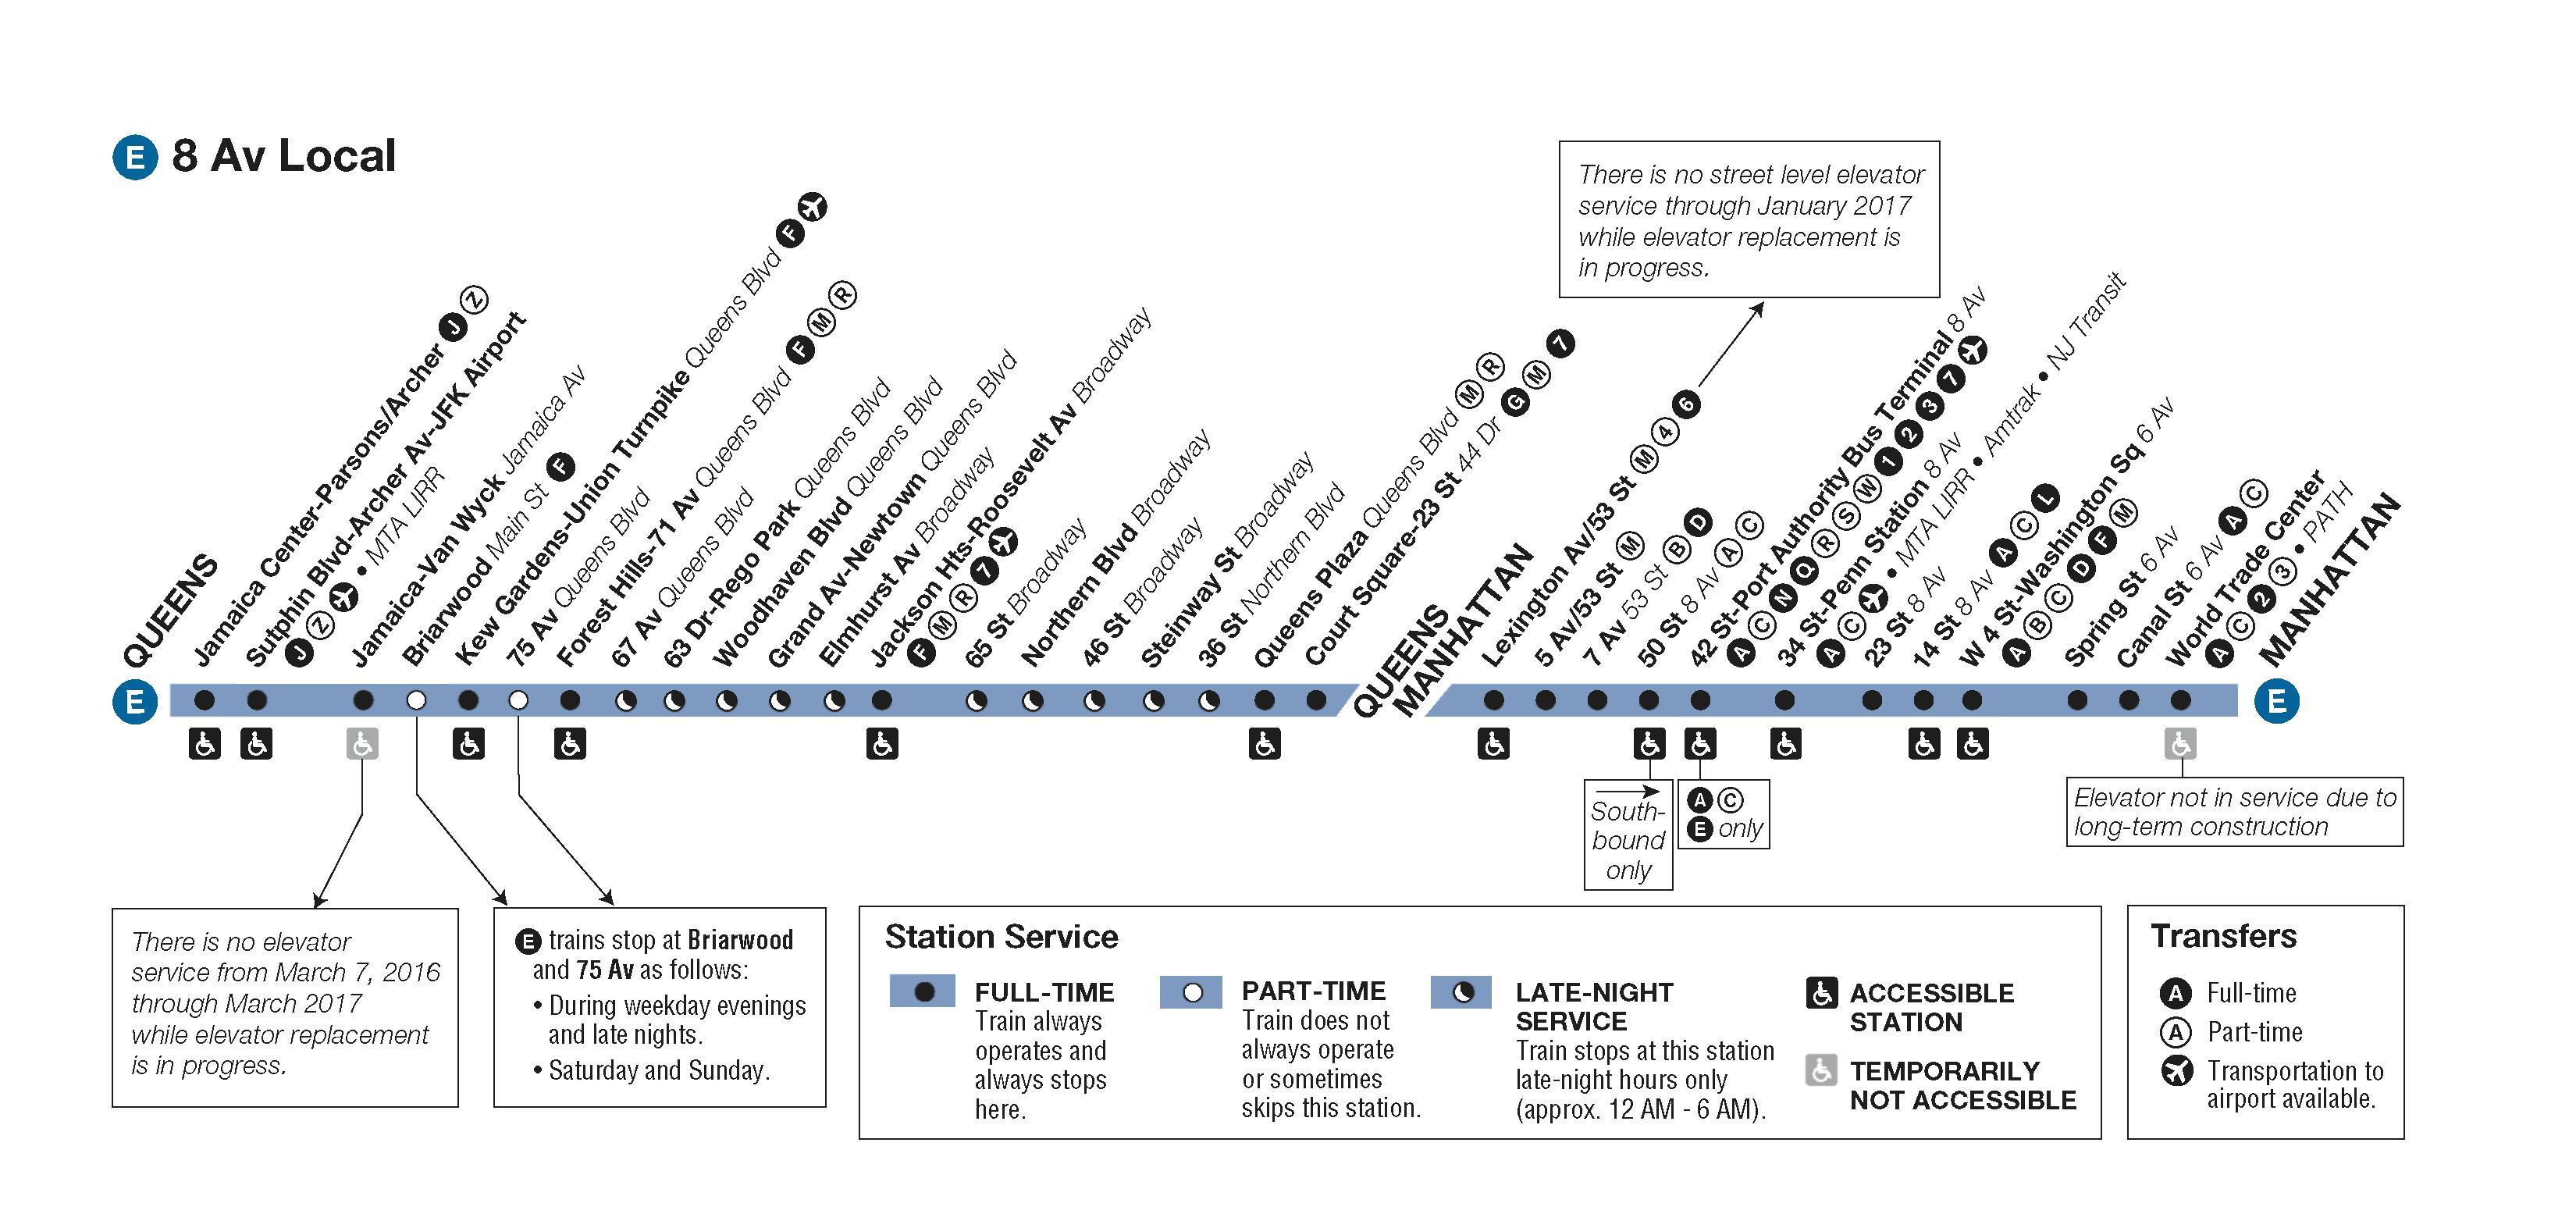 E Map Of Ny